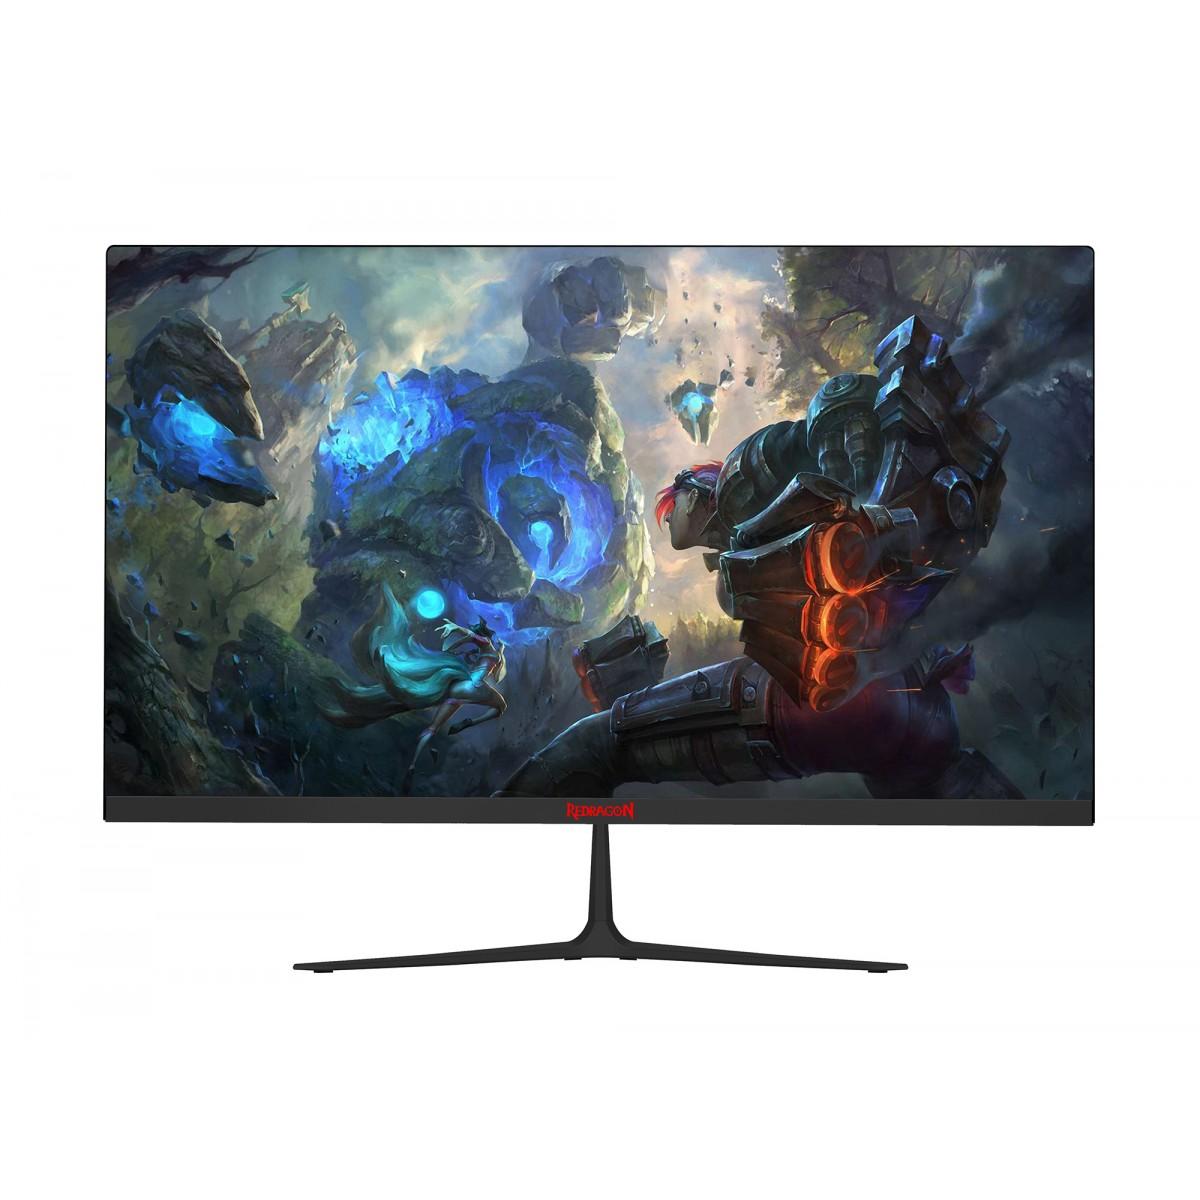 Monitor Gamer Redragon Ruby 24 Pol, Full HD, VA, 1ms, 144Hz, HDMI/DP, GM3CC238